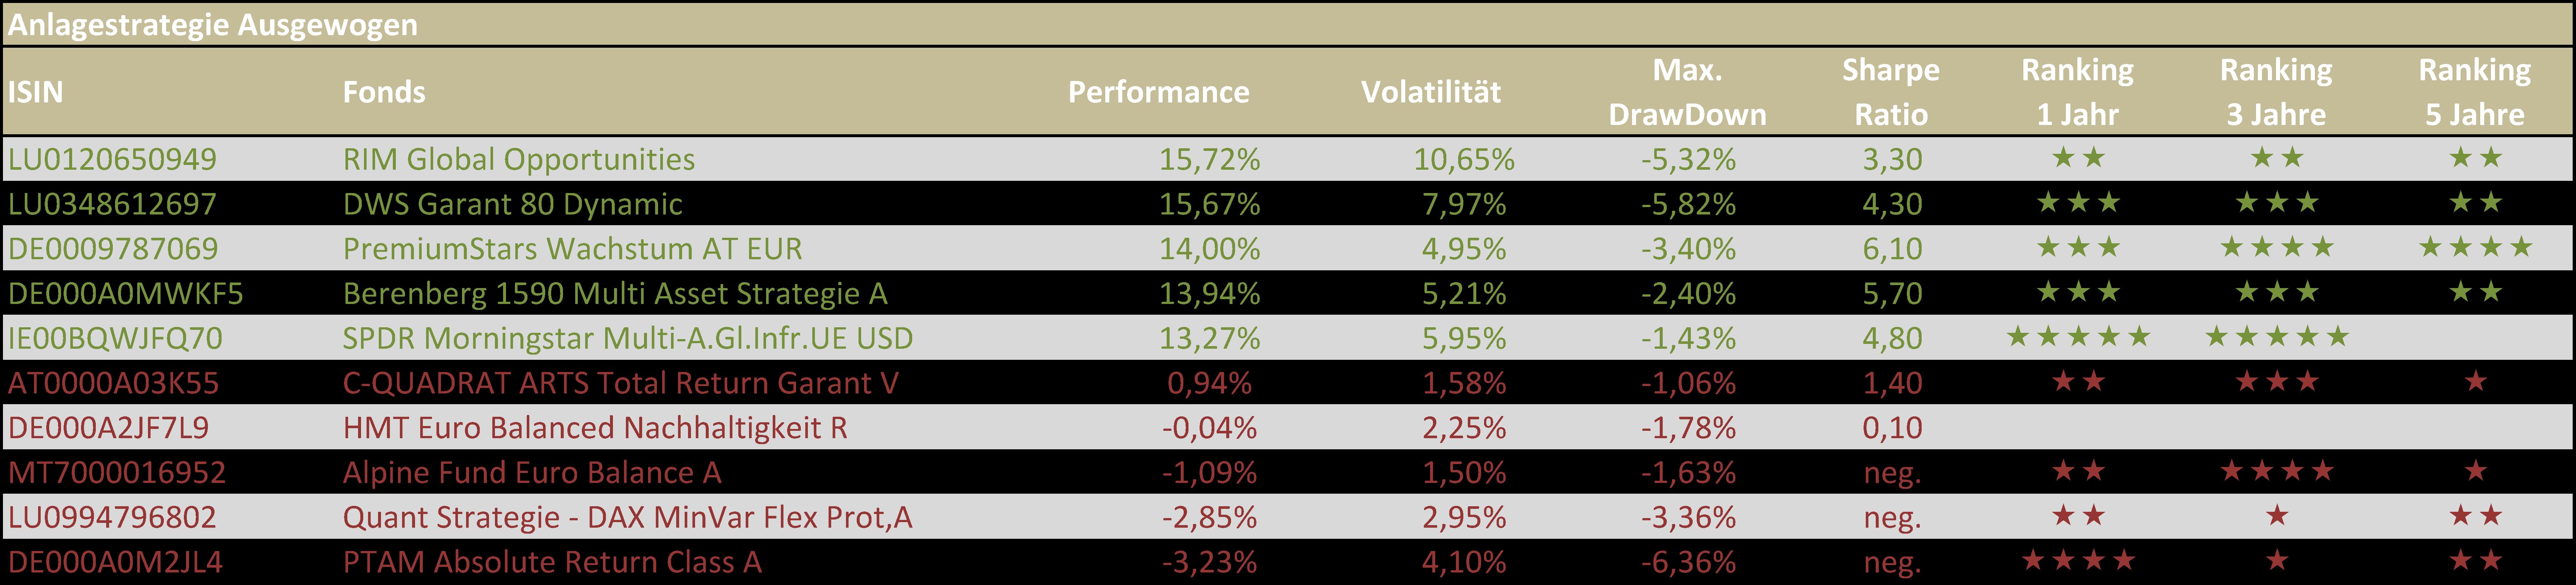 Tabelle 2 - Beste und schlechteste ausgewogene VV-Fonds HJ 1 2019